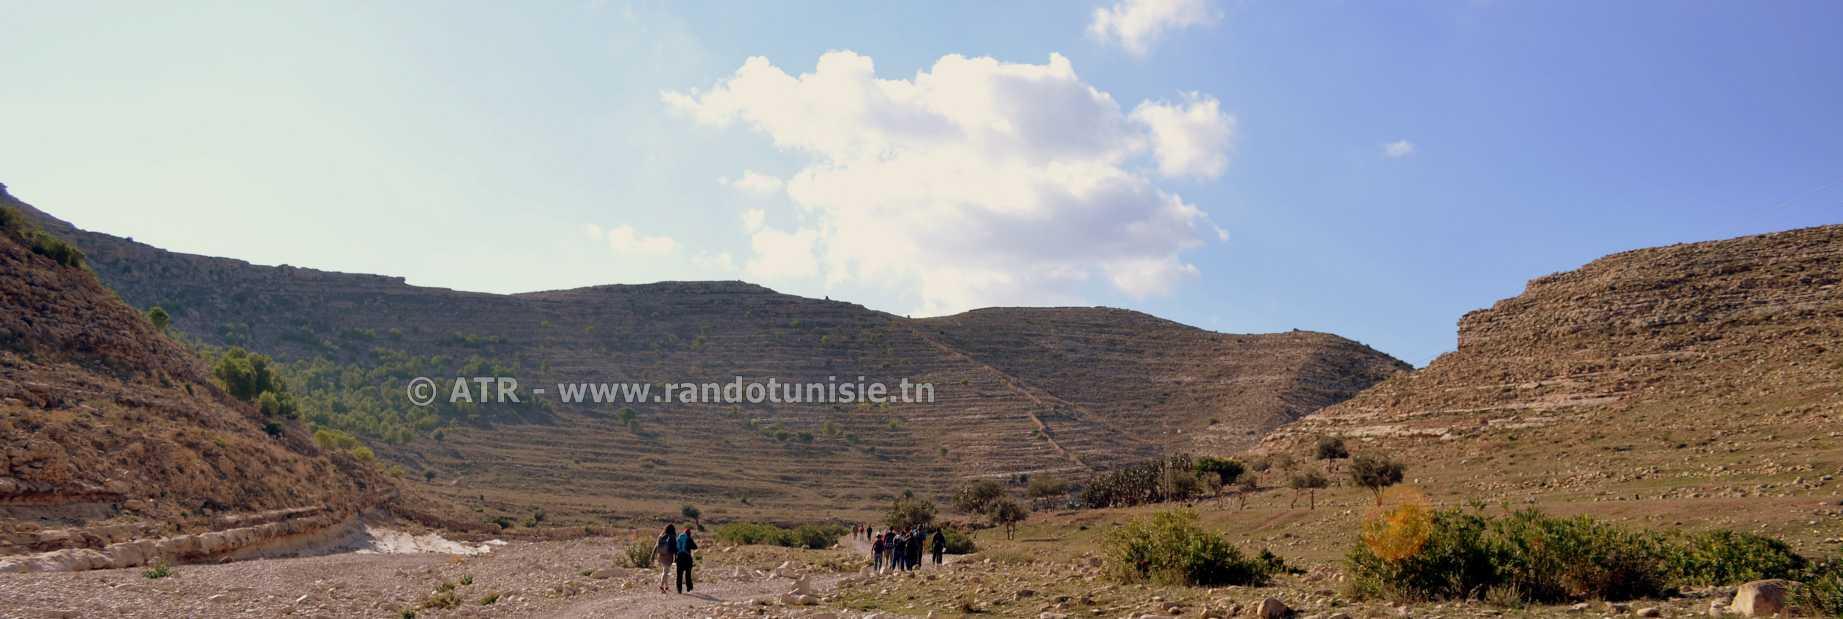 Randonnée à Ain Khanfous Oueslatia - paysage